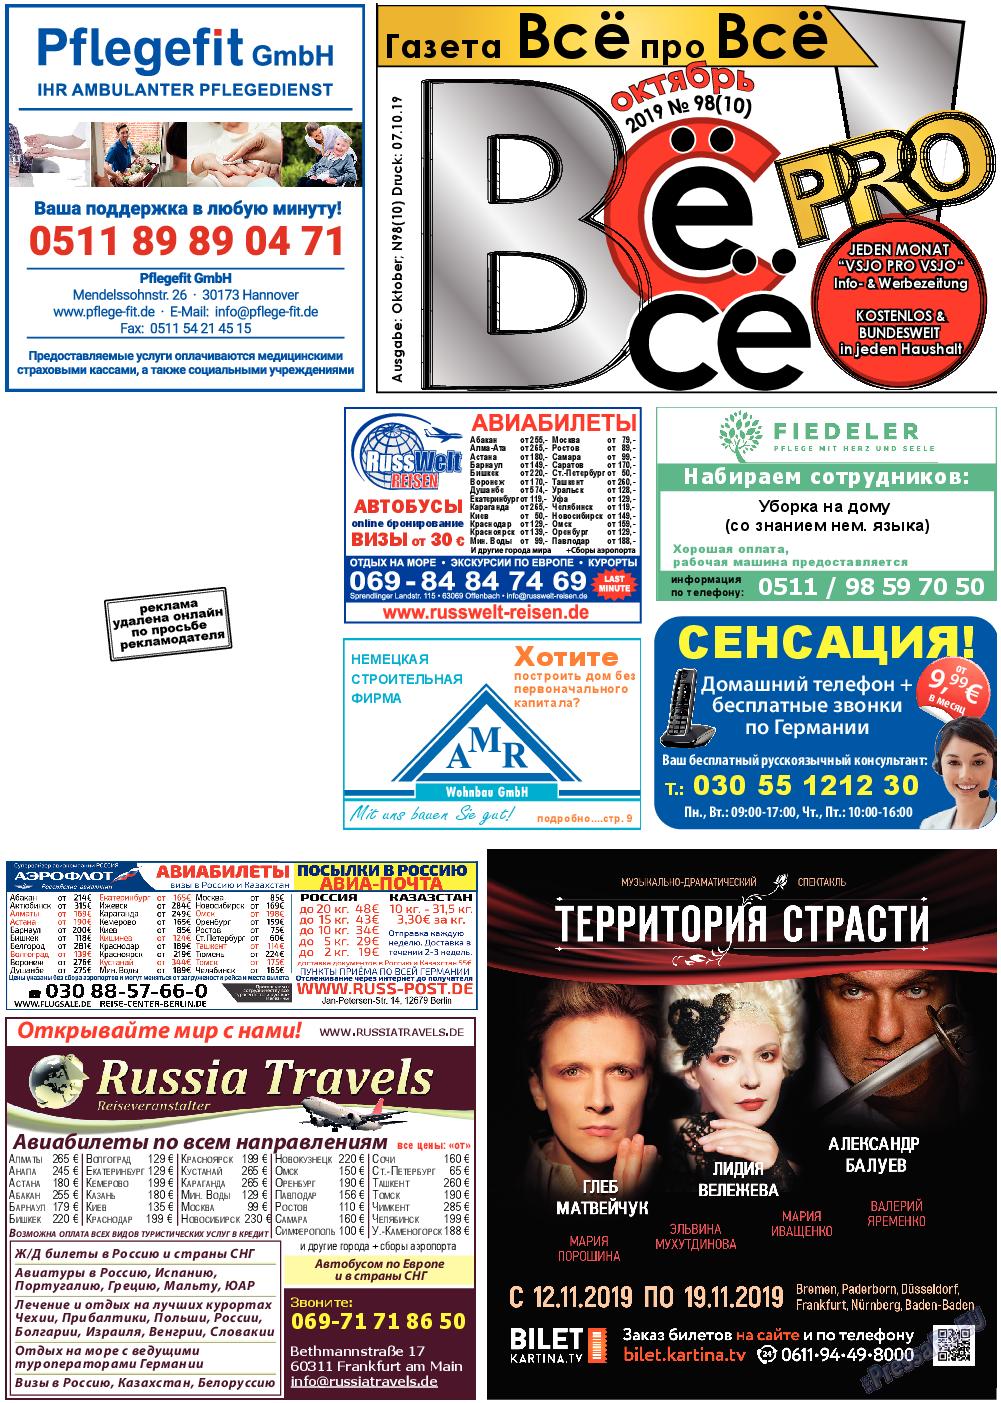 Все pro все (газета). 2019 год, номер 98, стр. 1